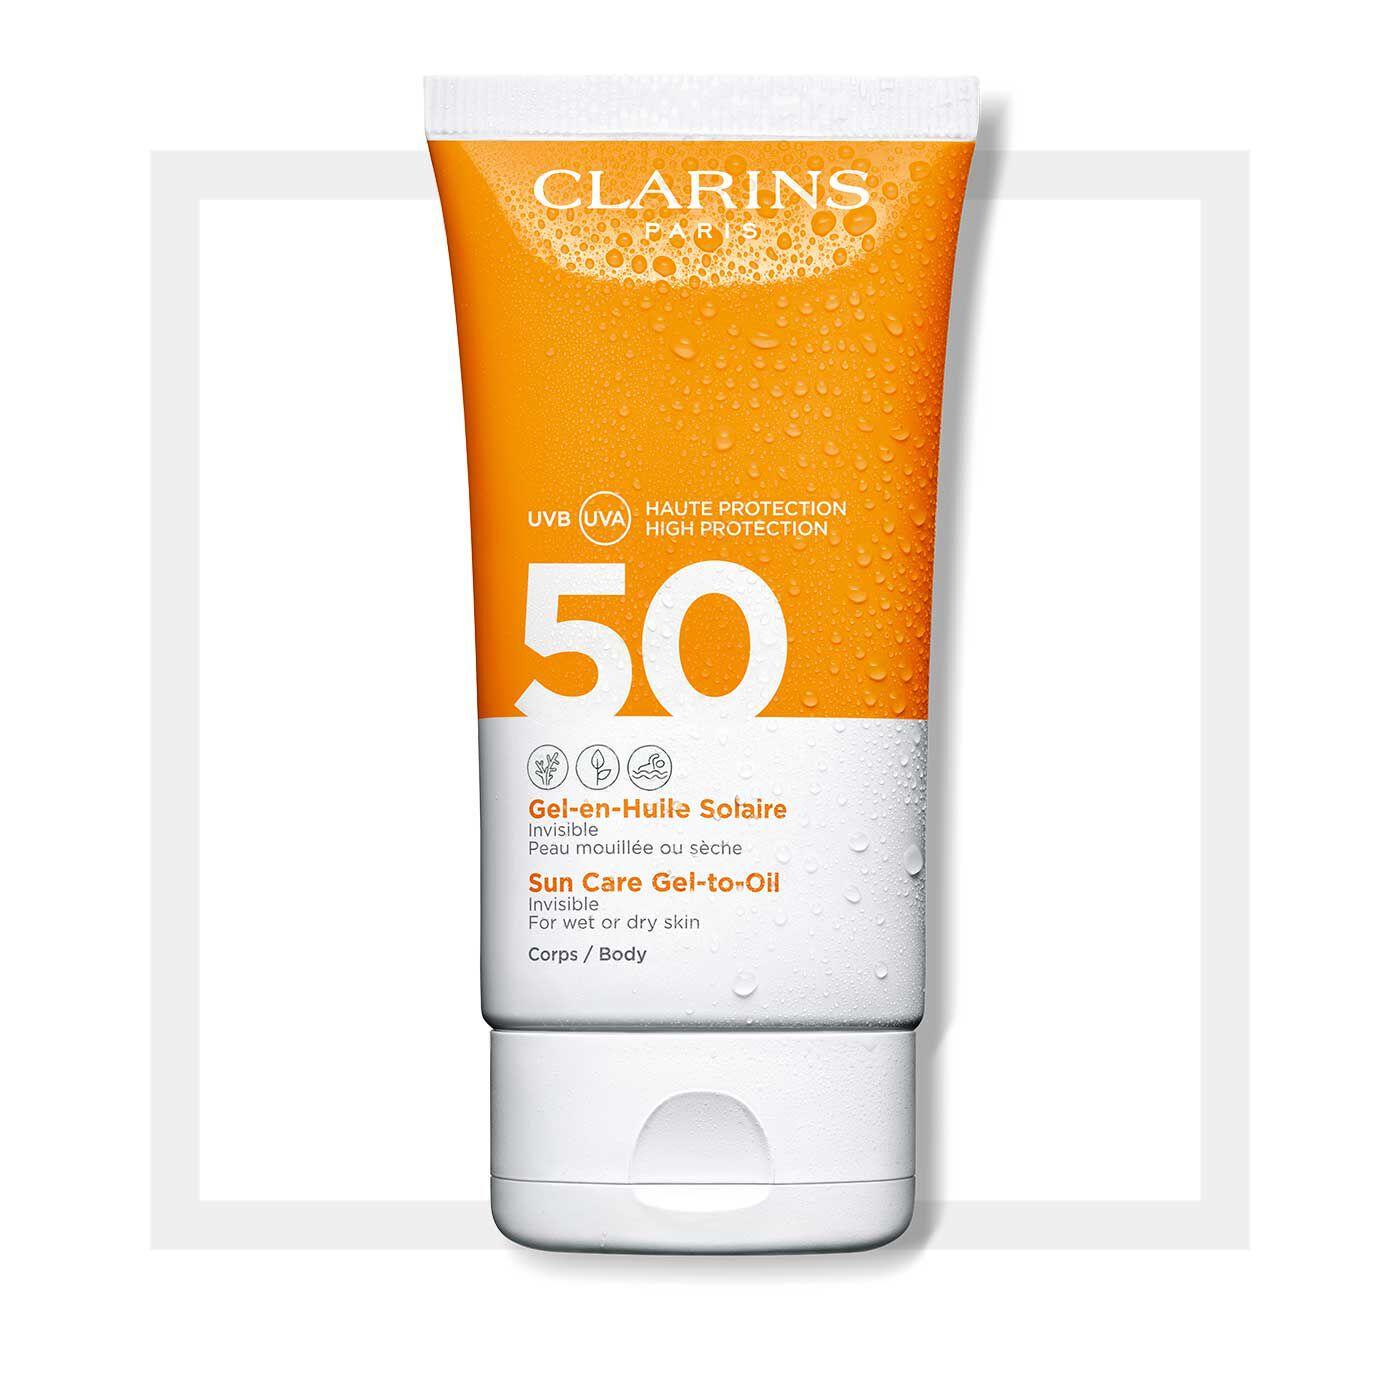 高效防曬護理系列 身體防曬啫喱 SPF50